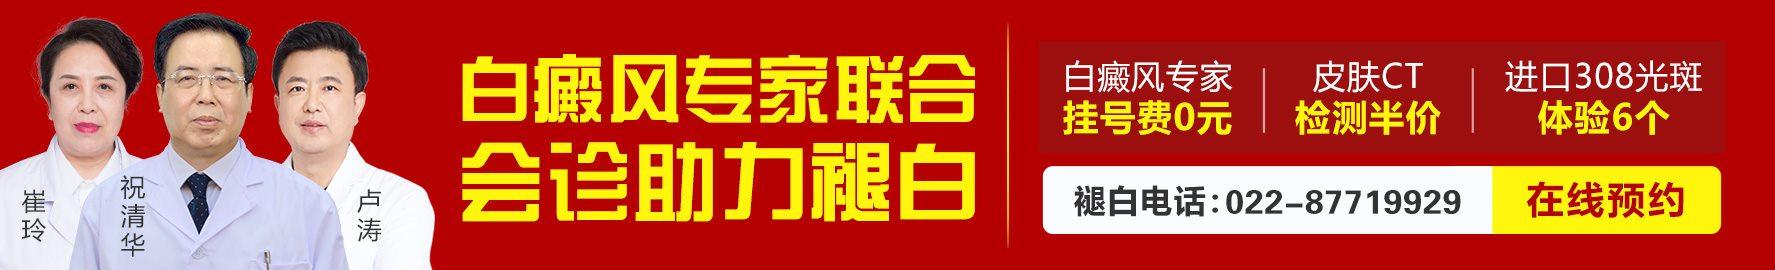 天津红桥中都白癜风医院